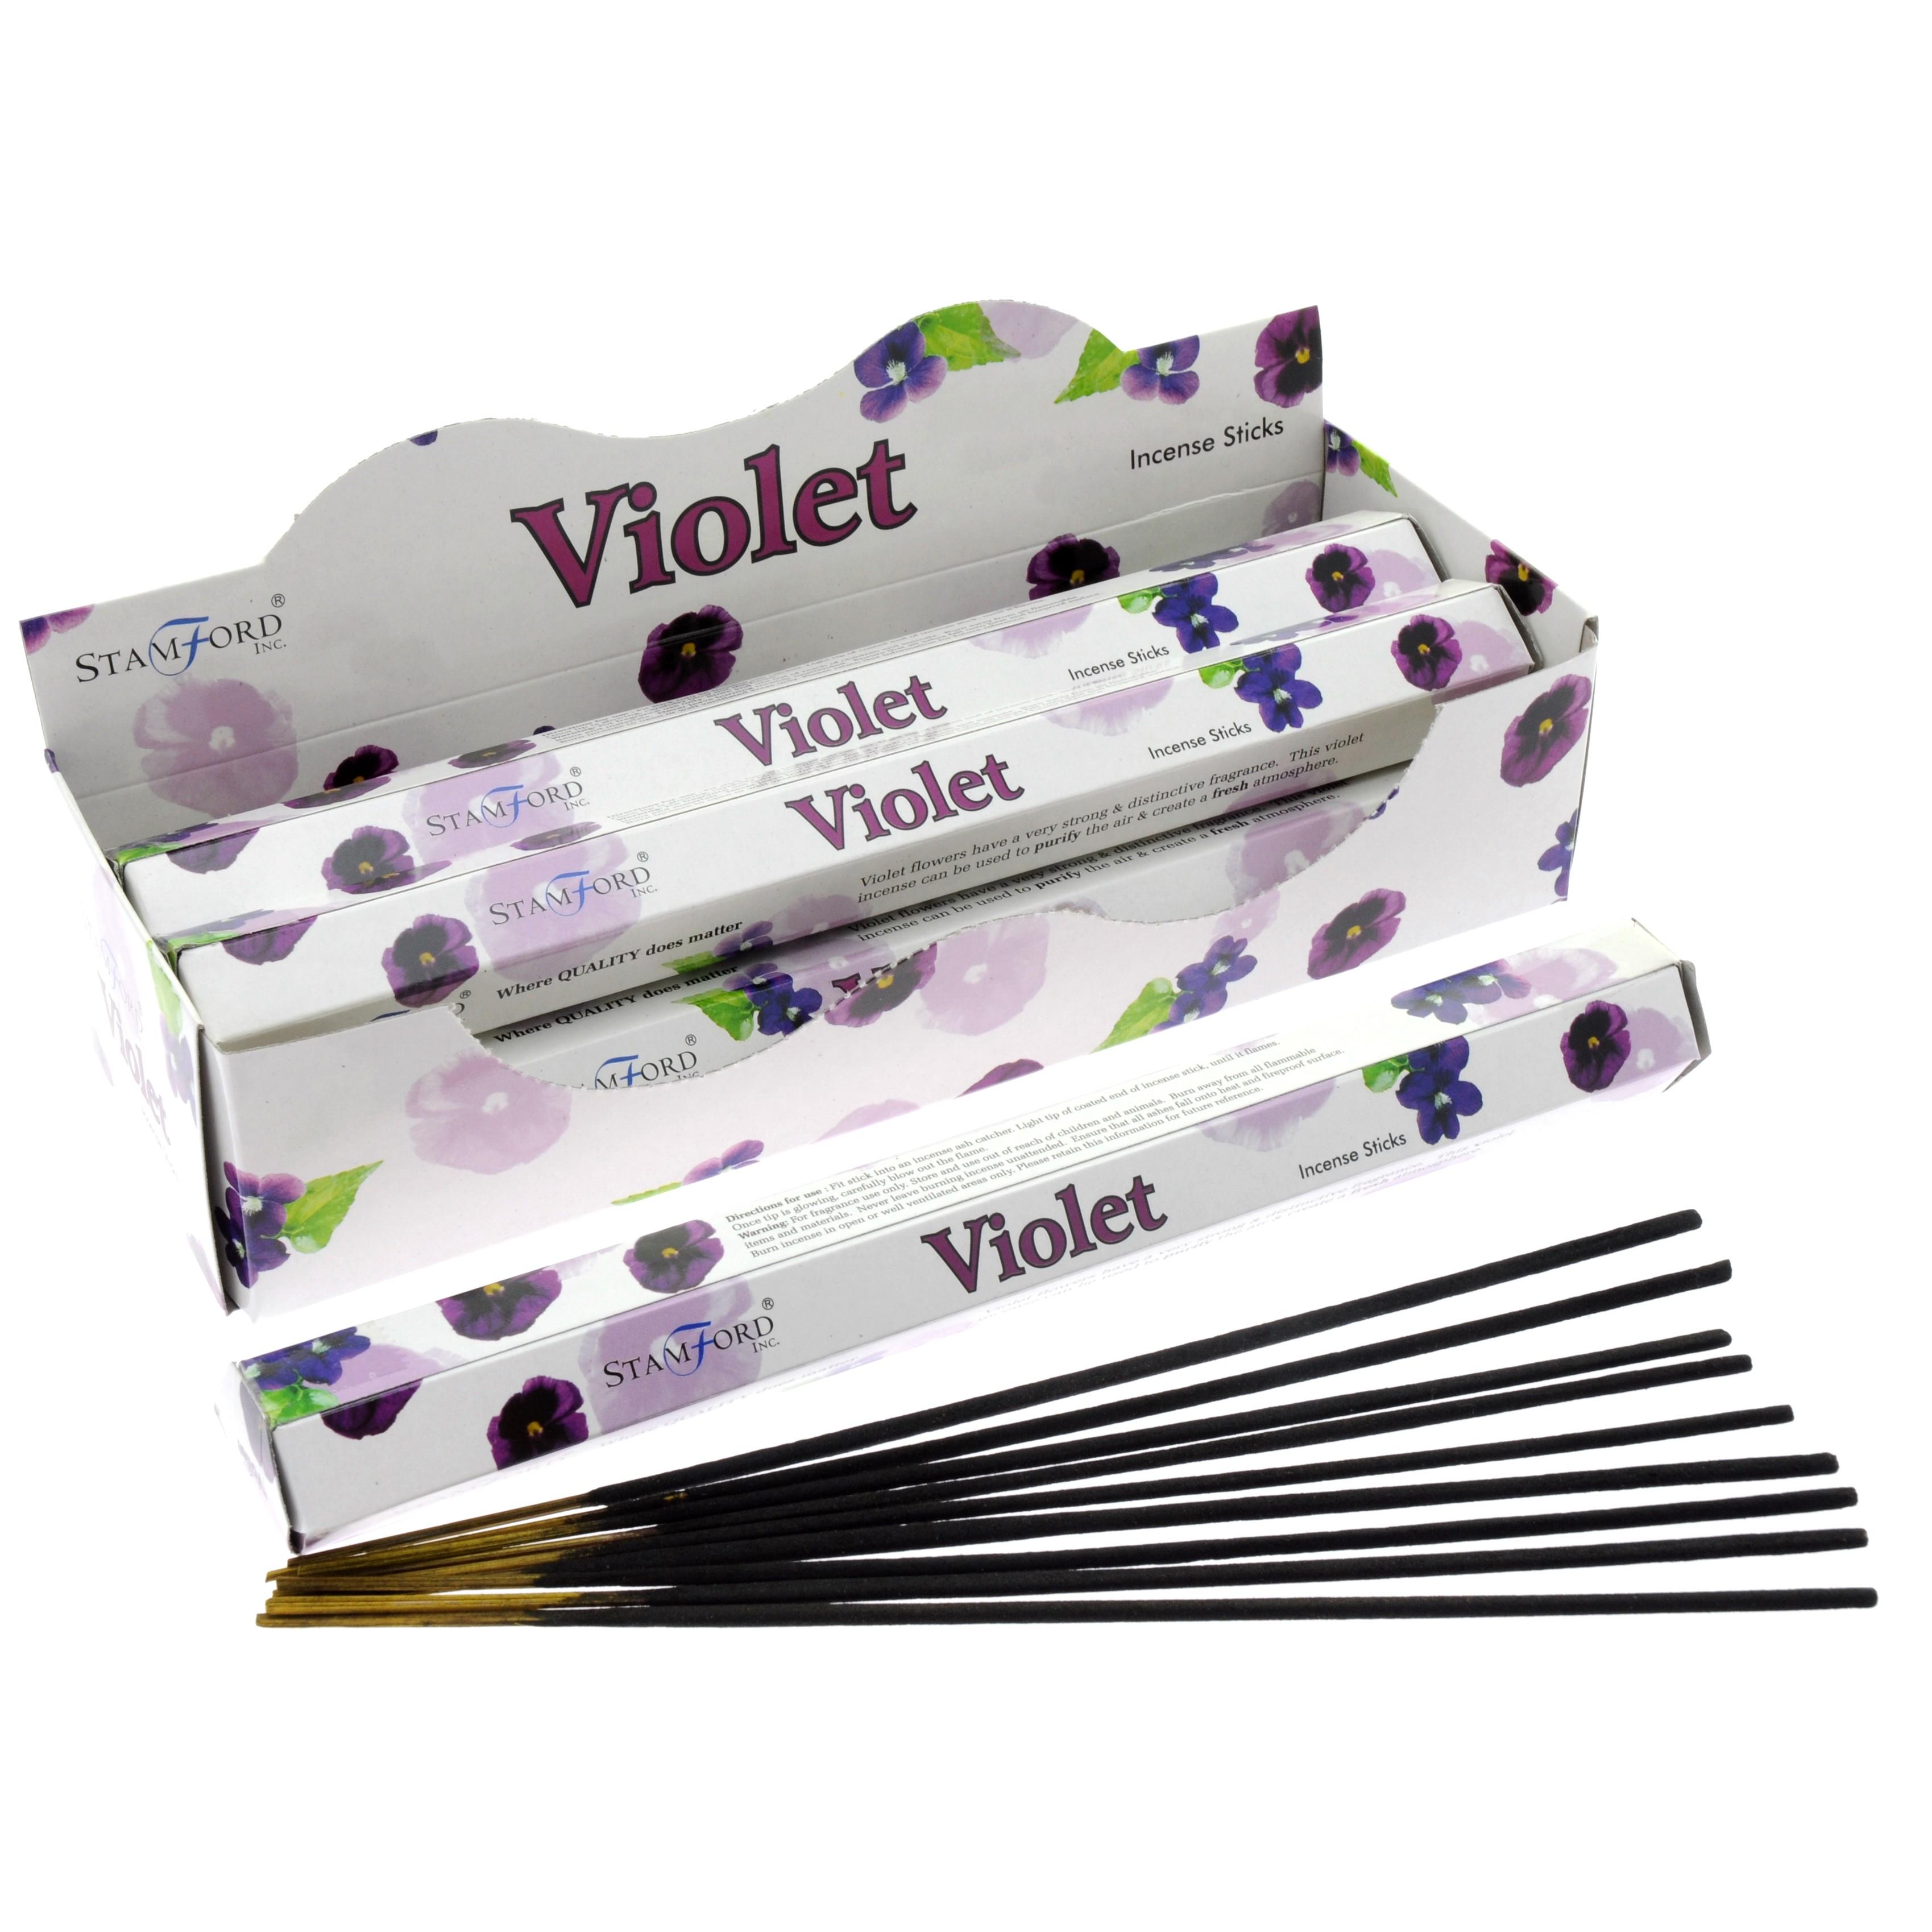 Violet Premium Incense